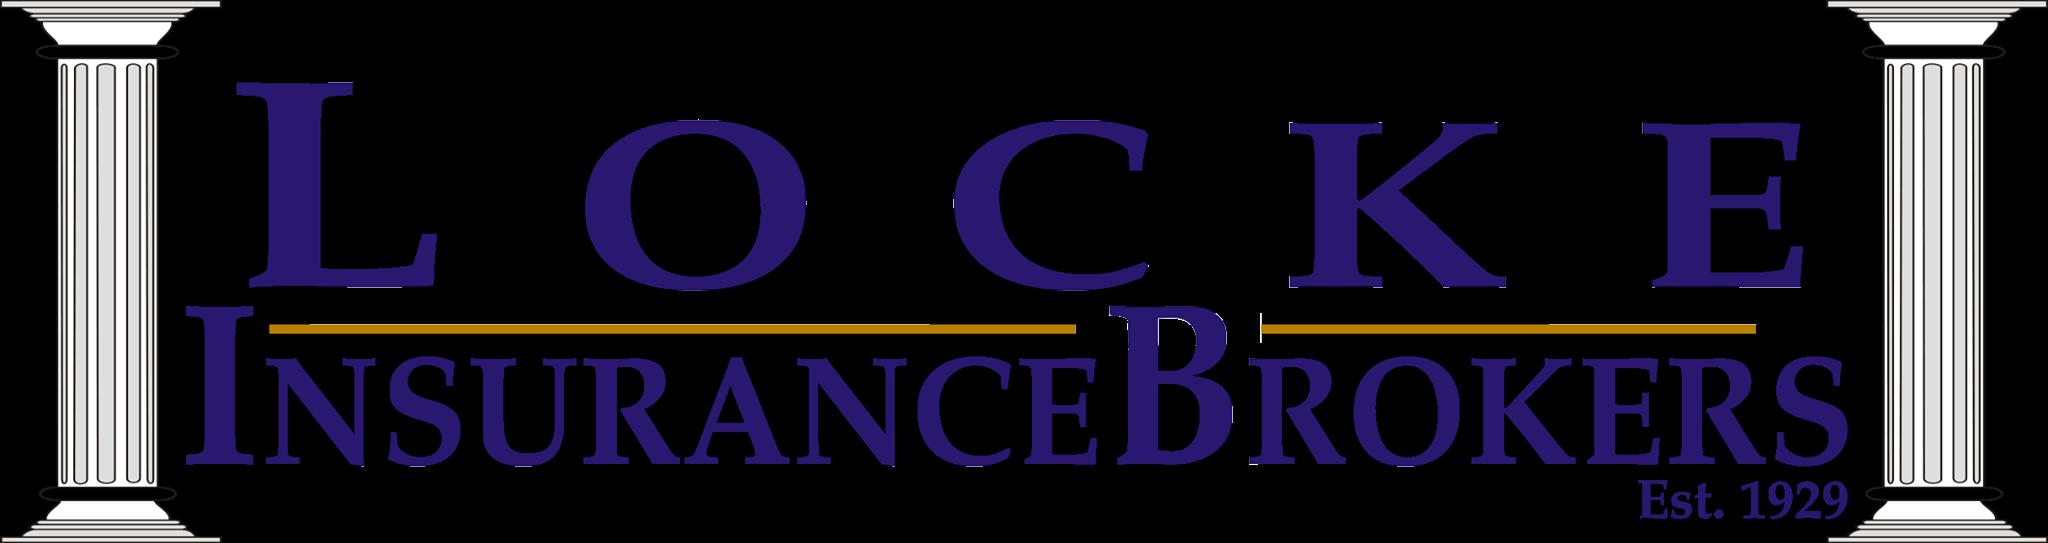 https://0901.nccdn.net/4_2/000/000/038/2d3/Locke-Transparent-logo-2048x543.png